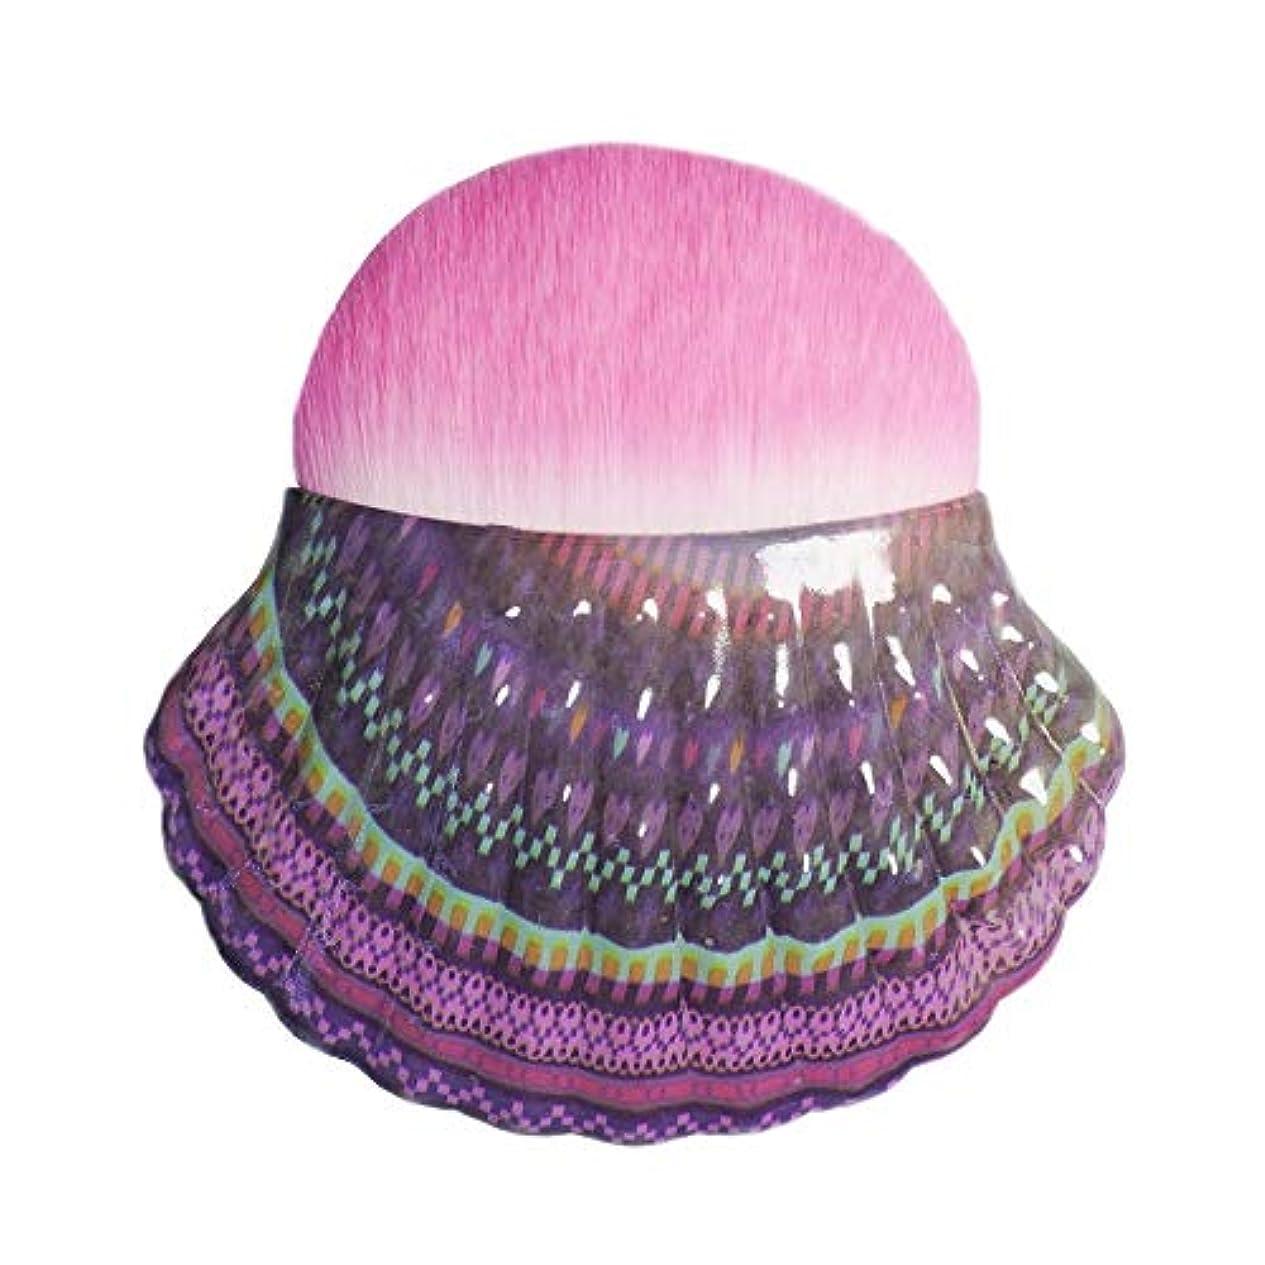 アダルト風が強い腰Makeup brushes 化粧シングルシェル赤面ブラシ化粧ブラシツールポータブル多機能化粧ブラシ、ピンク suits (Color : Pink Gradient)